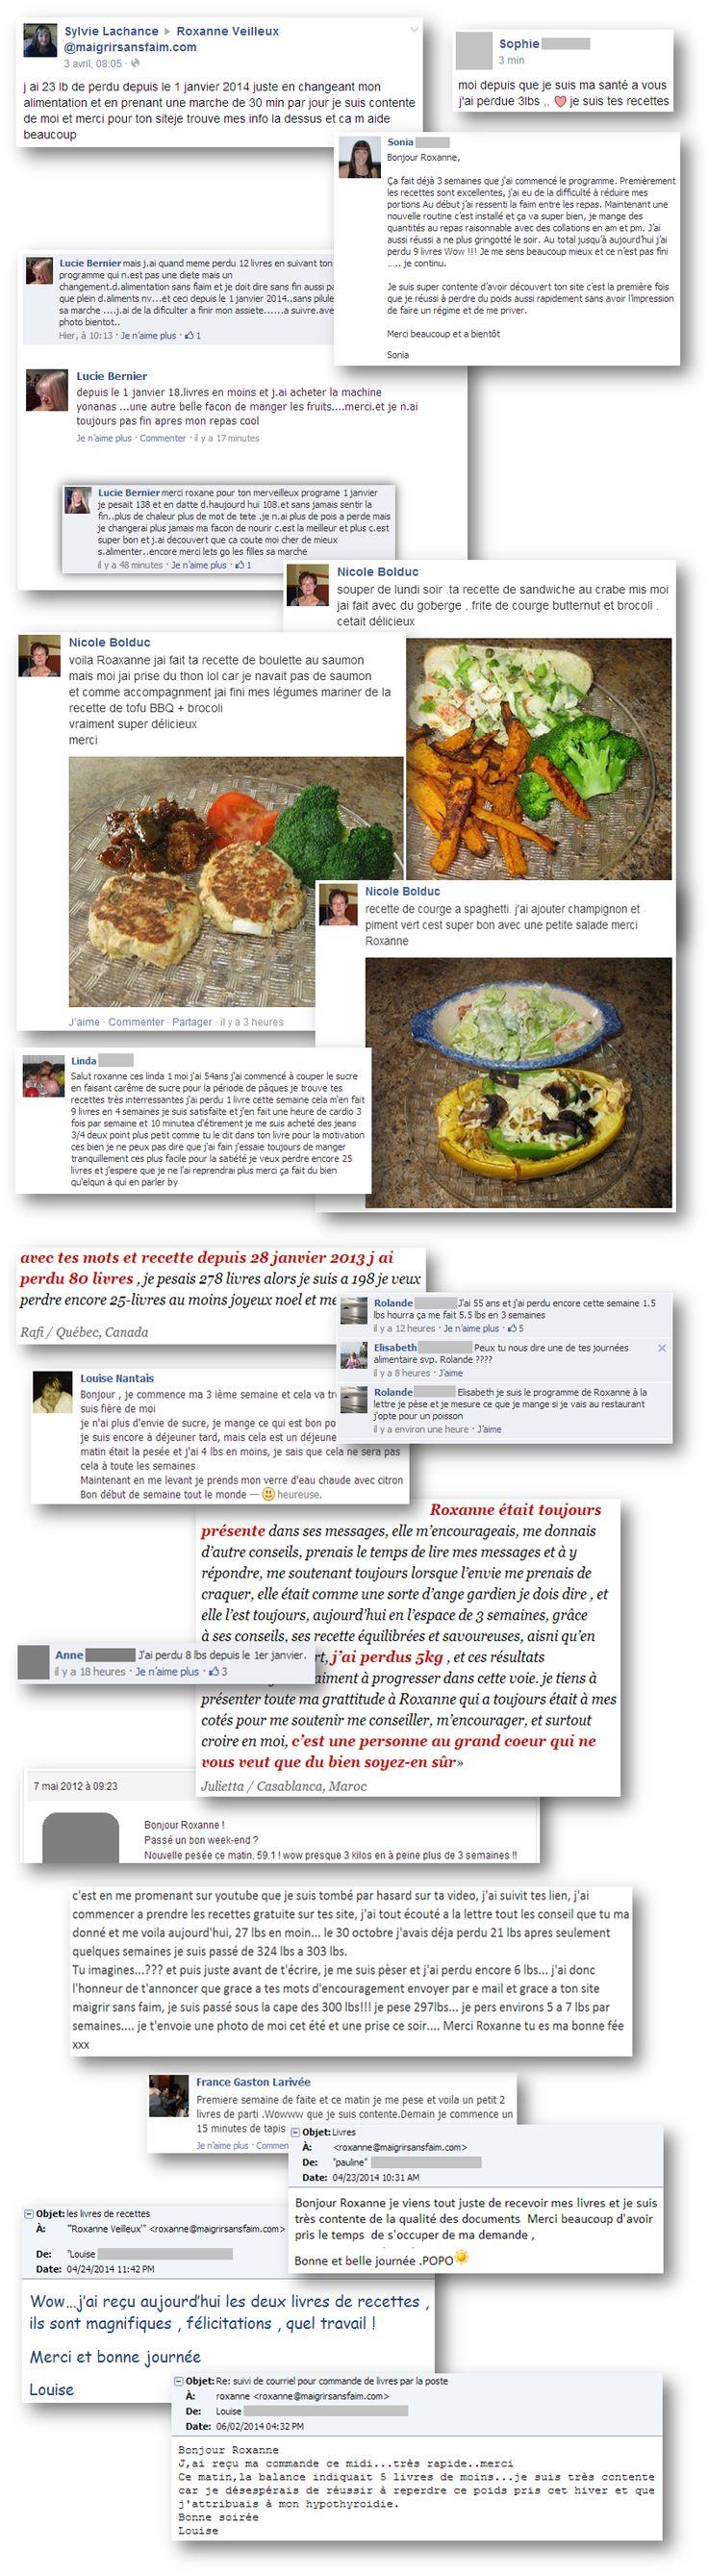 les 25 meilleures id es de la cat gorie repas riches en fibres sur pinterest recettes riches. Black Bedroom Furniture Sets. Home Design Ideas